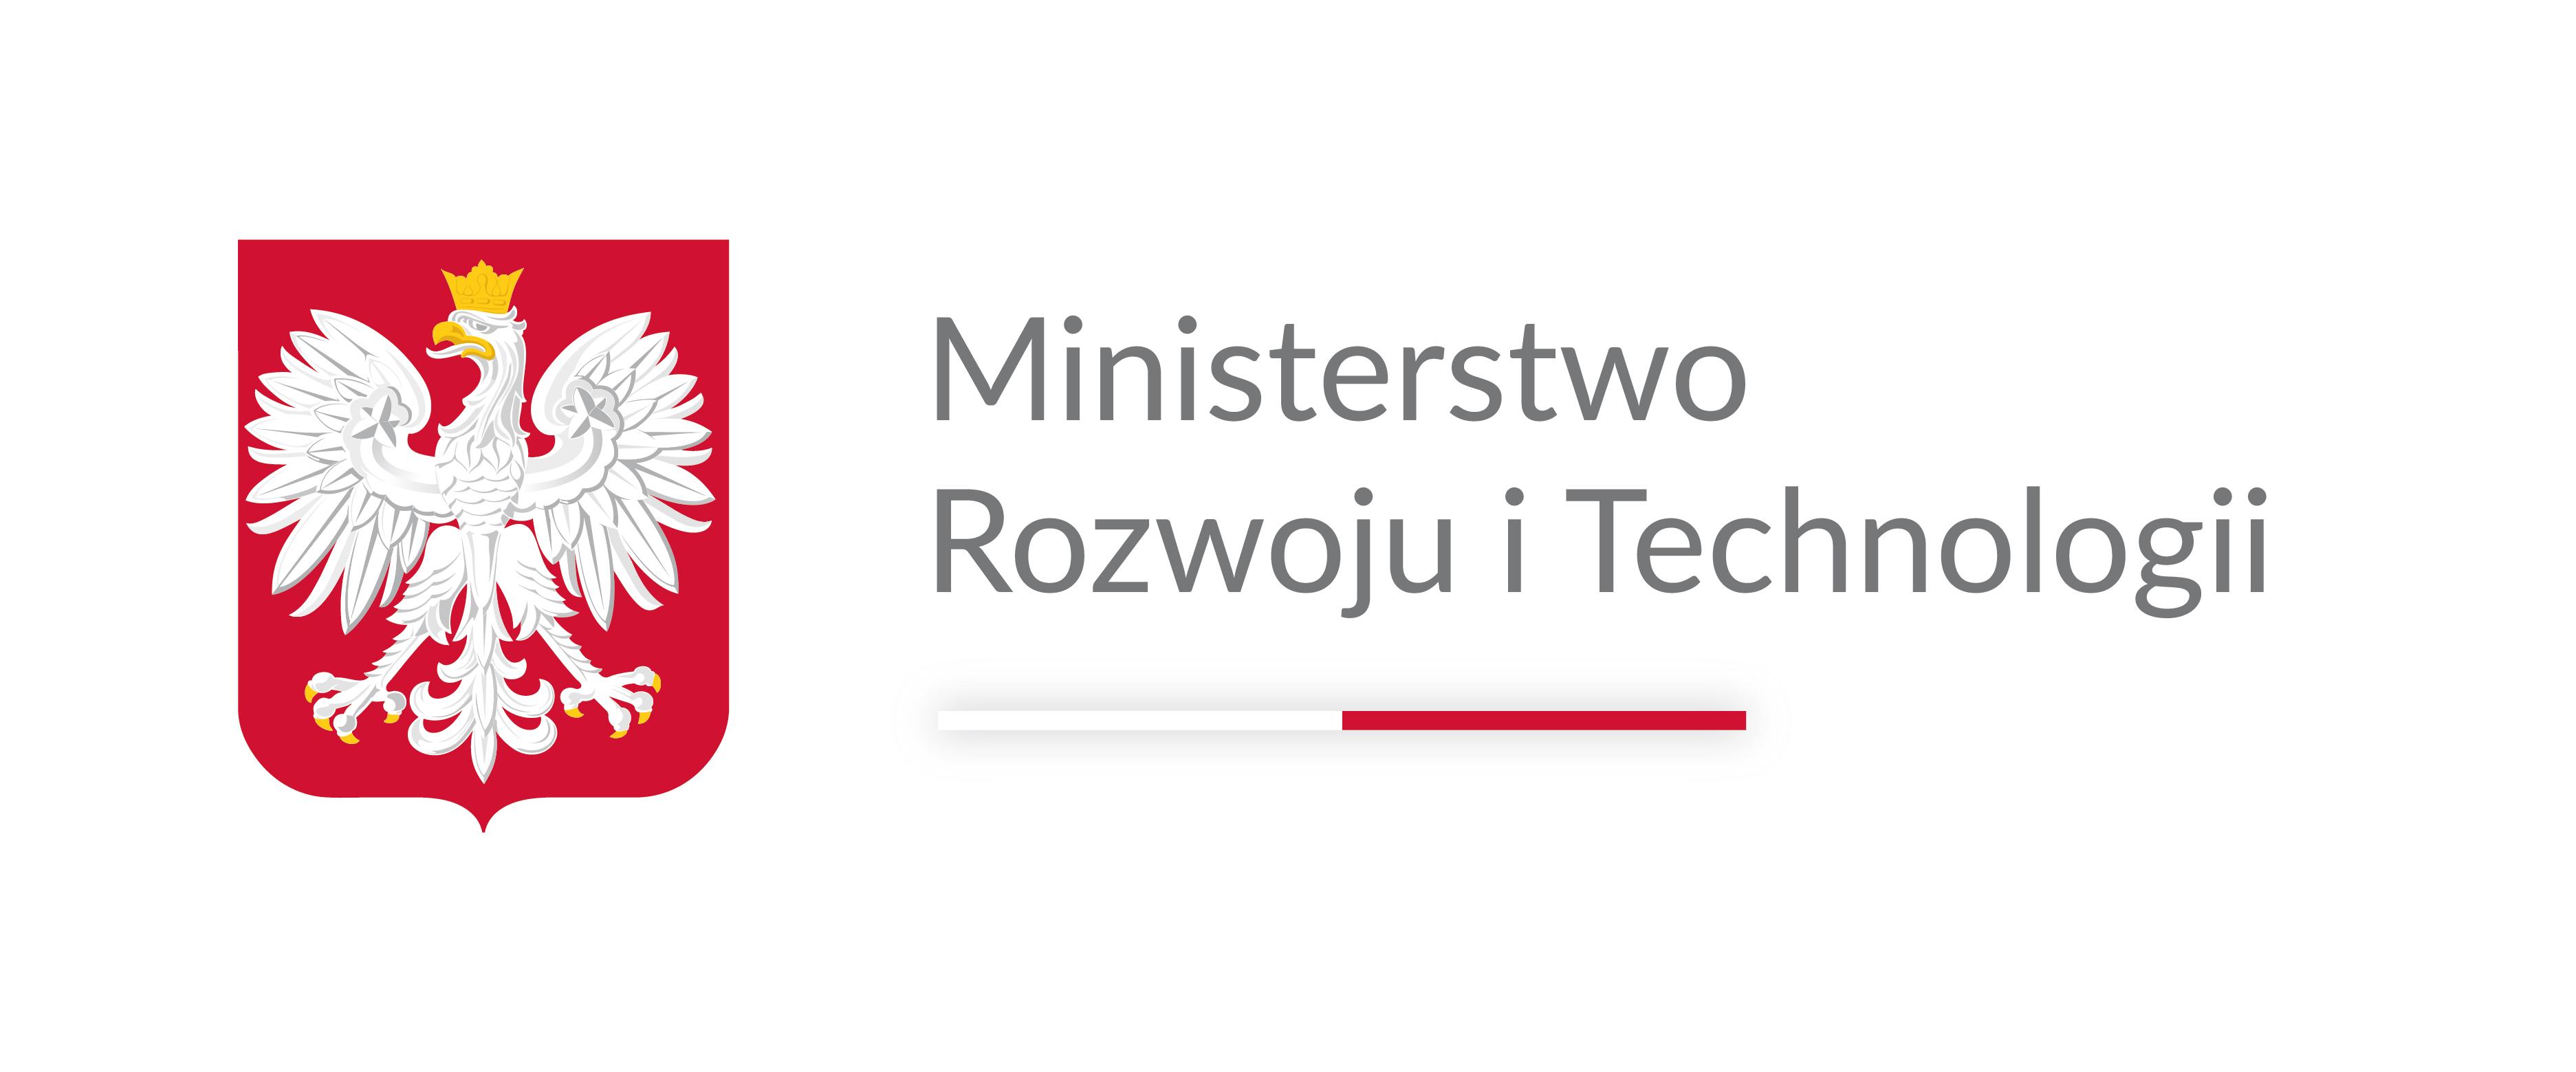 Logotyp Ministerstwo Rozwoju iTechnologii